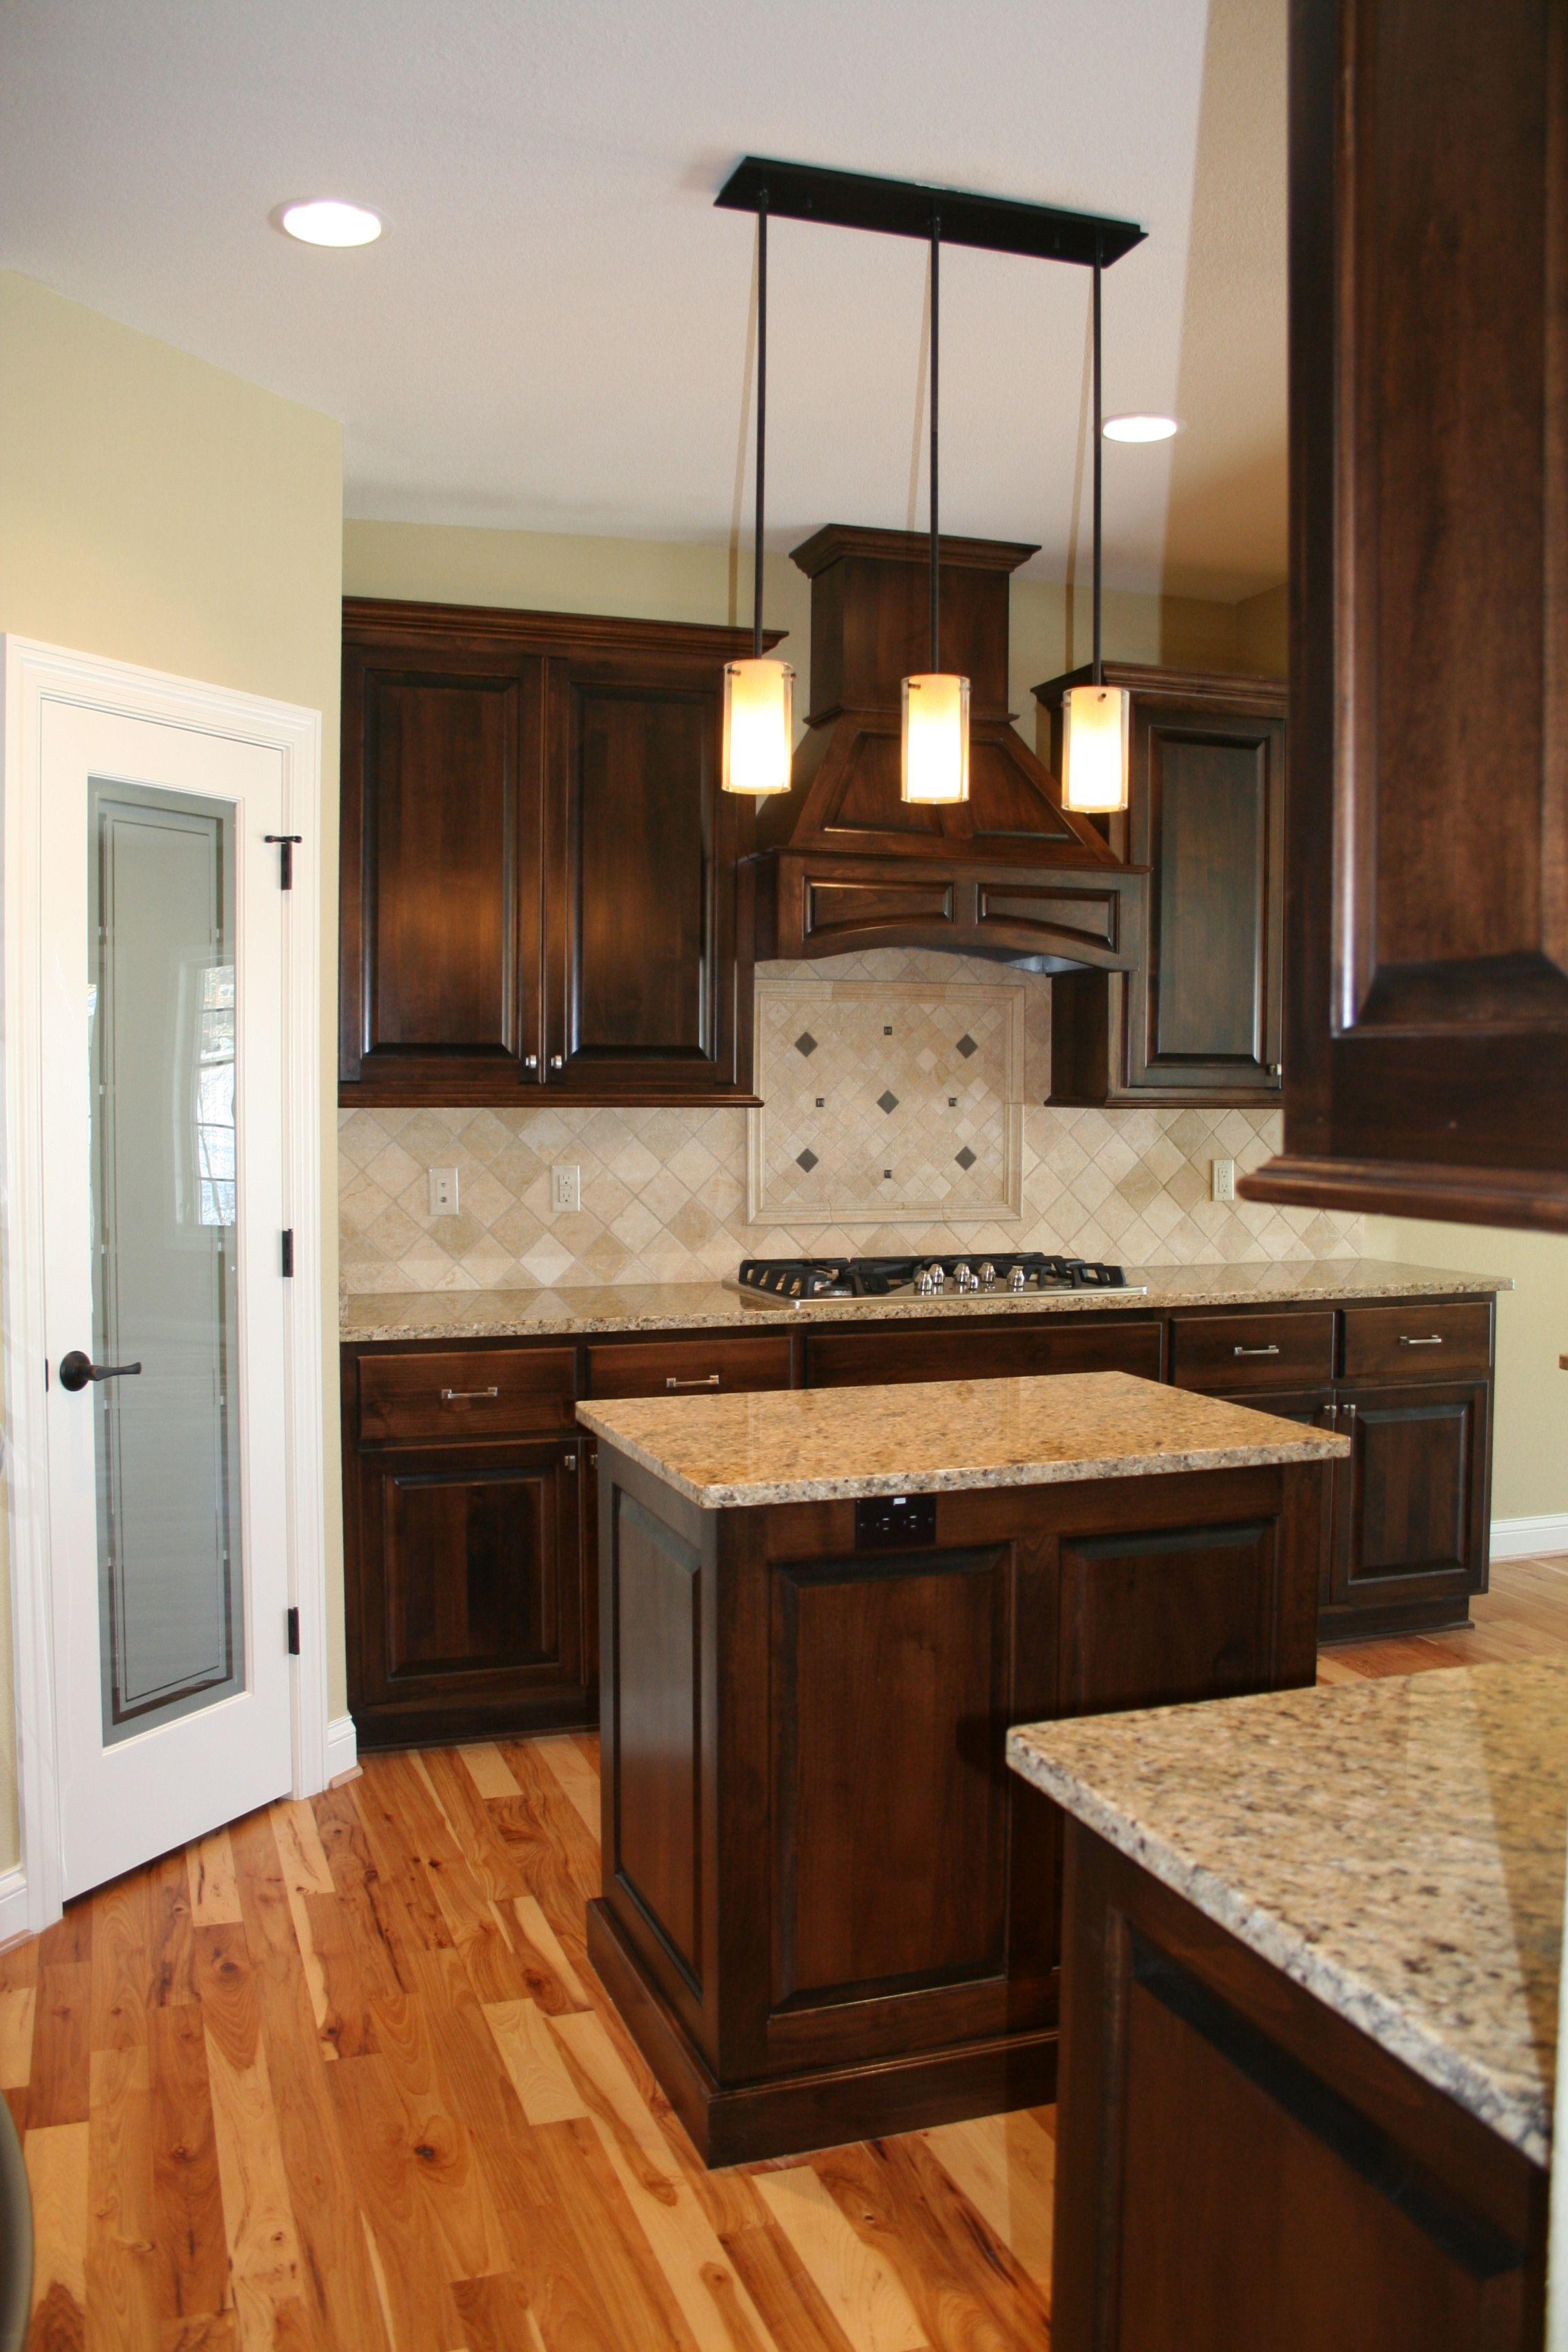 Carstensen Homes Kitchen Models Kitchen Remodel Alder Kitchen Cabinets